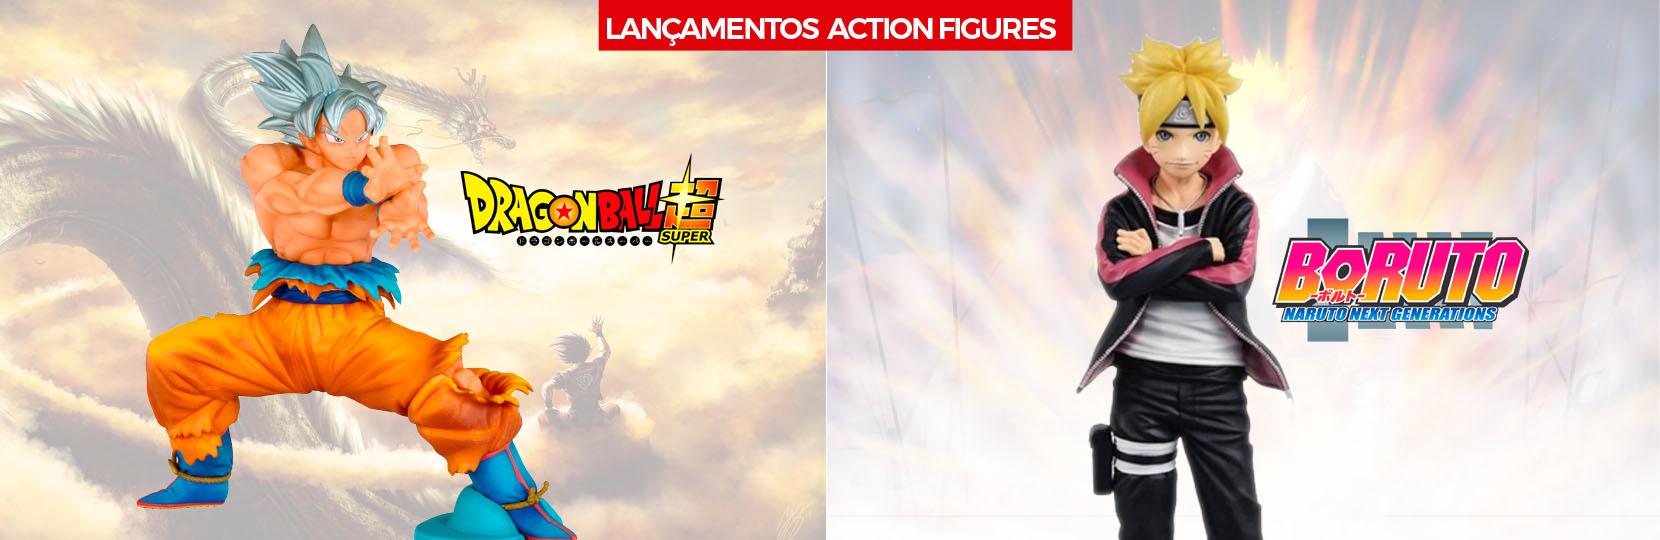 Lançamentos-Action-Figures-Dragon-Ball-e-Boruto